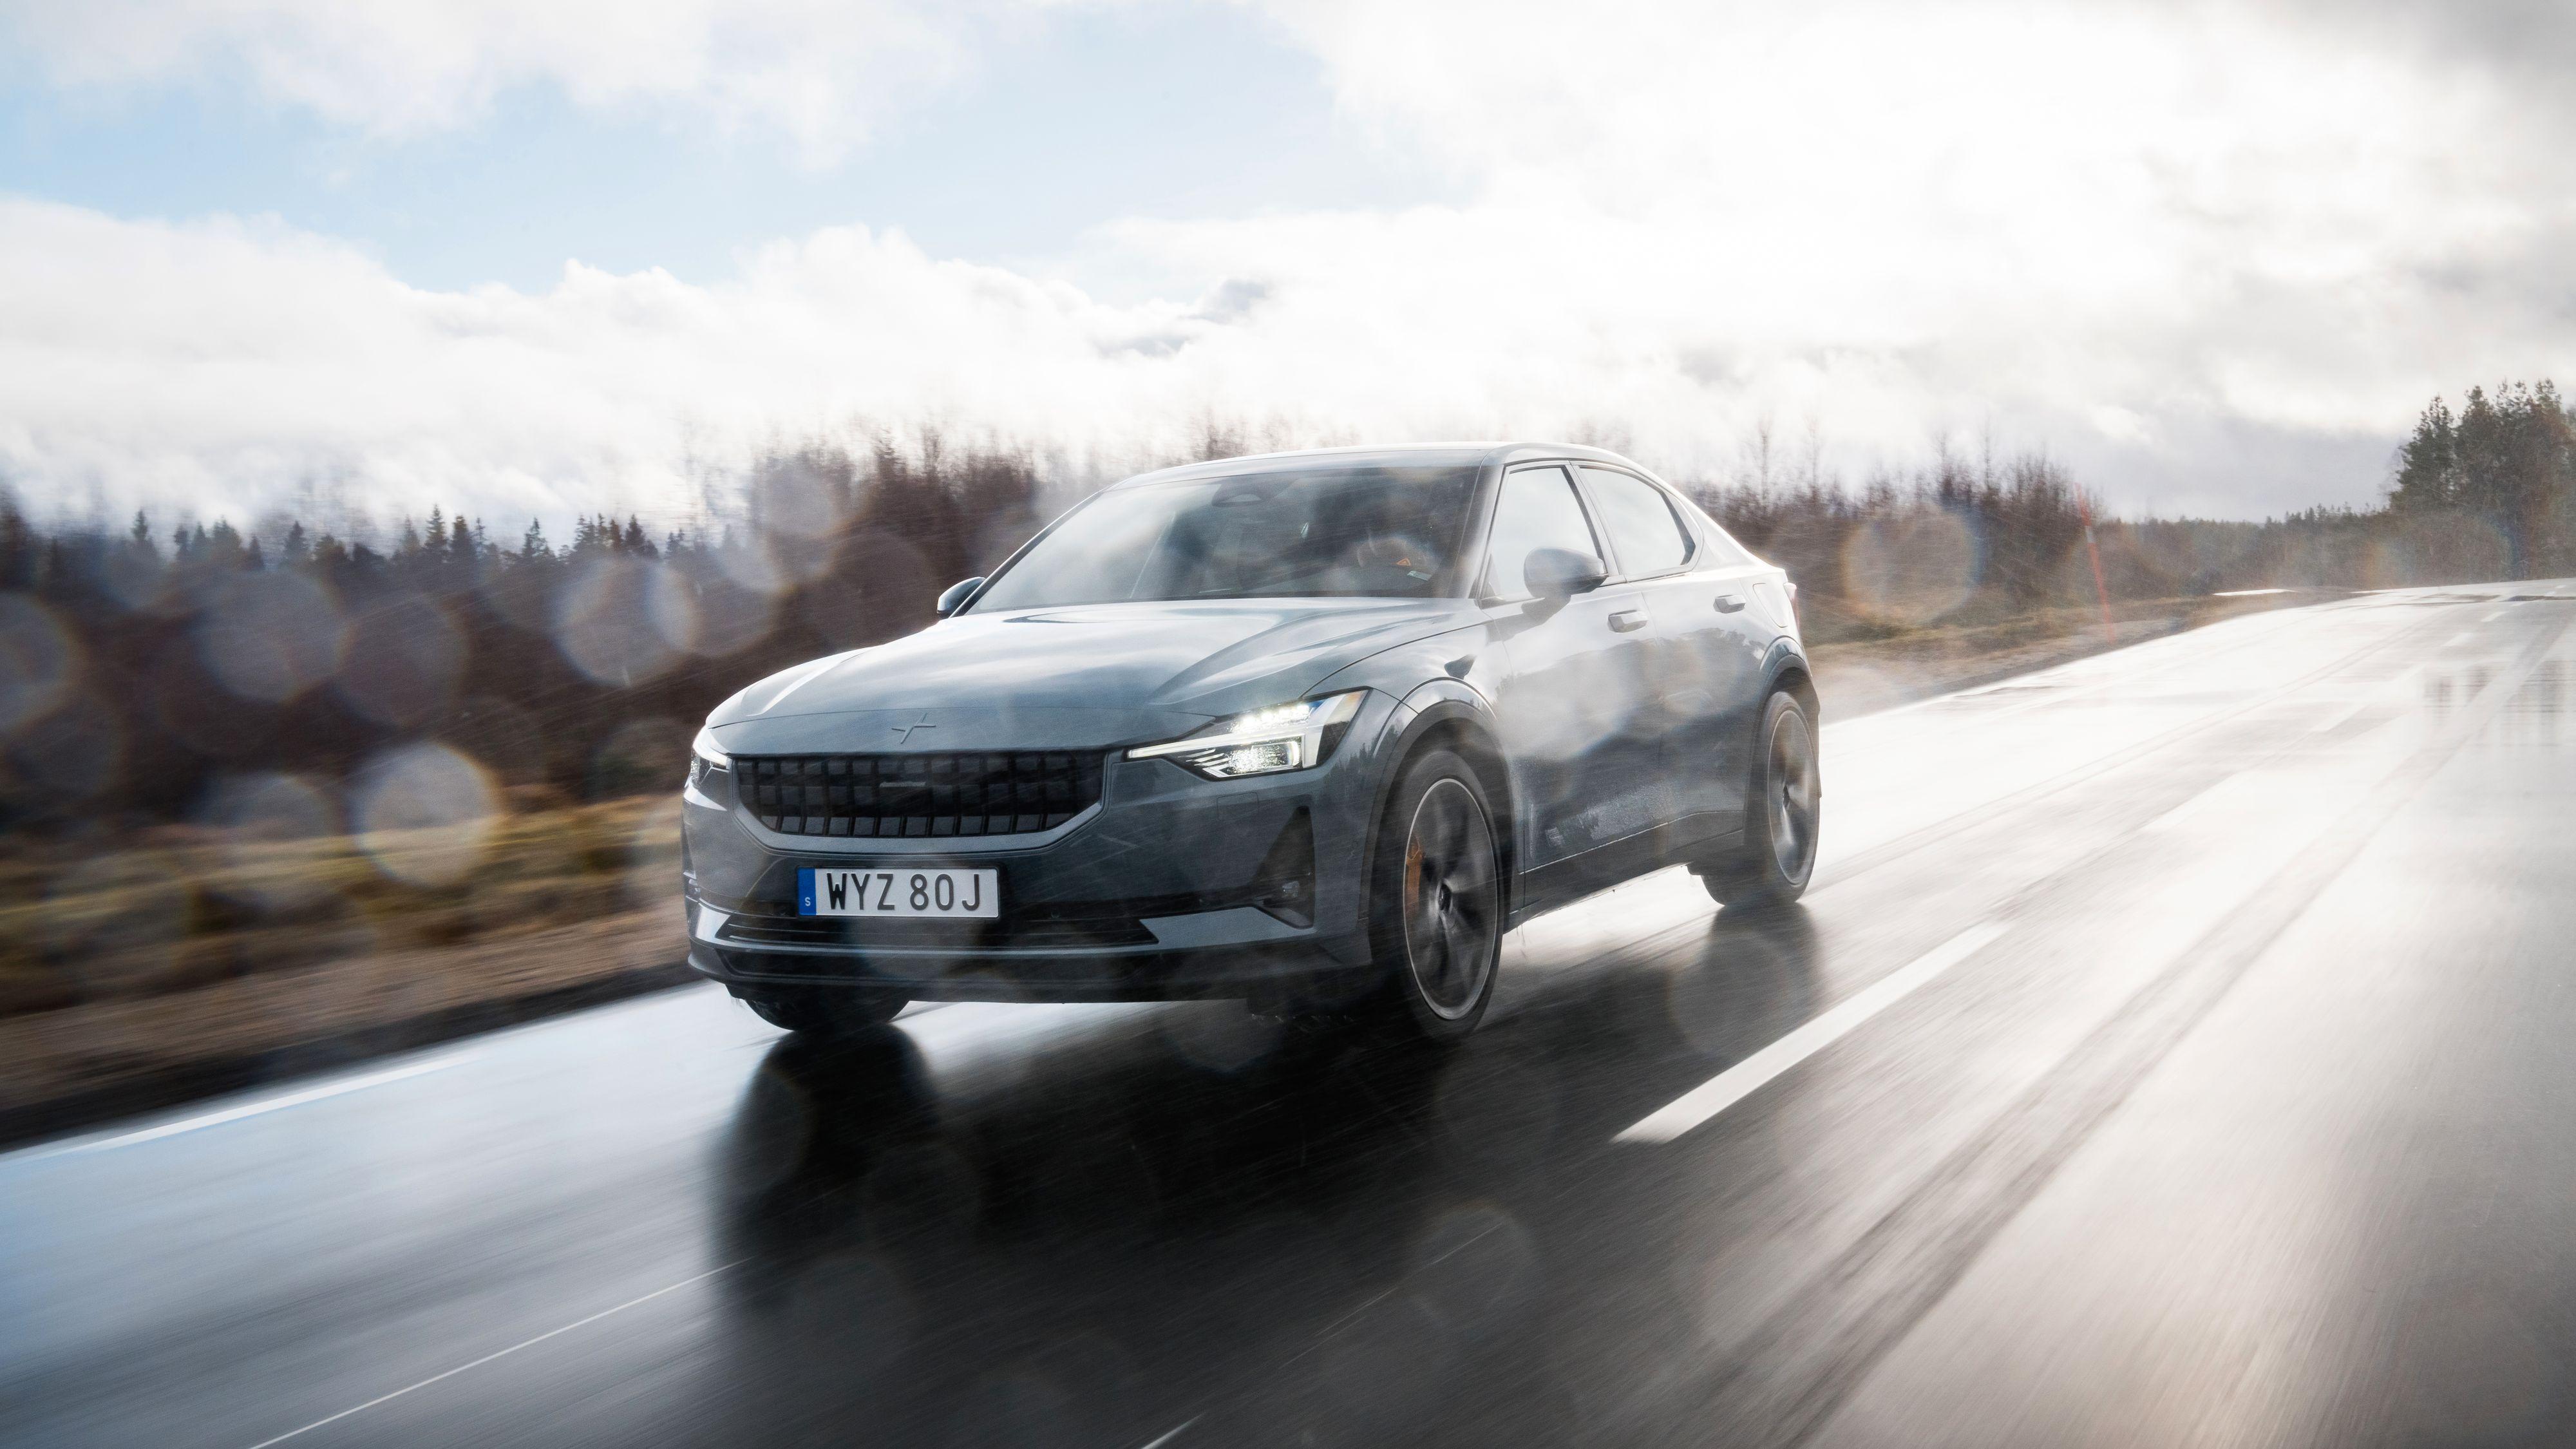 Vi fikk litt av hvert av forhold under vår prøvekjøring av Polestar 2 på Volvos «Hällered Proving Ground» i Sverige. Litt regn, litt sludd og litt sol.